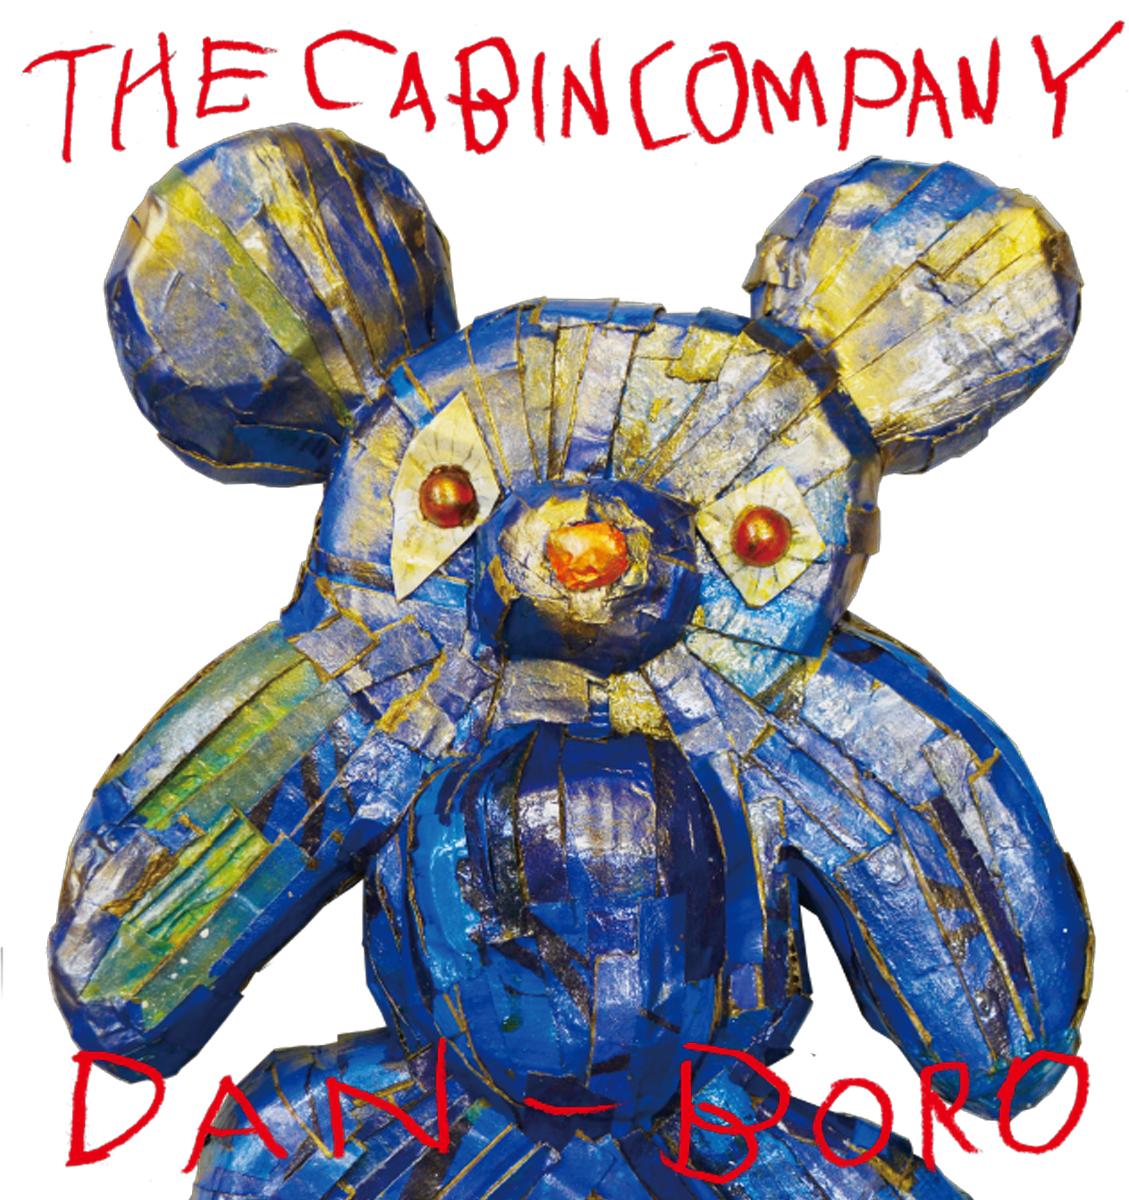 THE CABIN COMPANY DAN-BORO